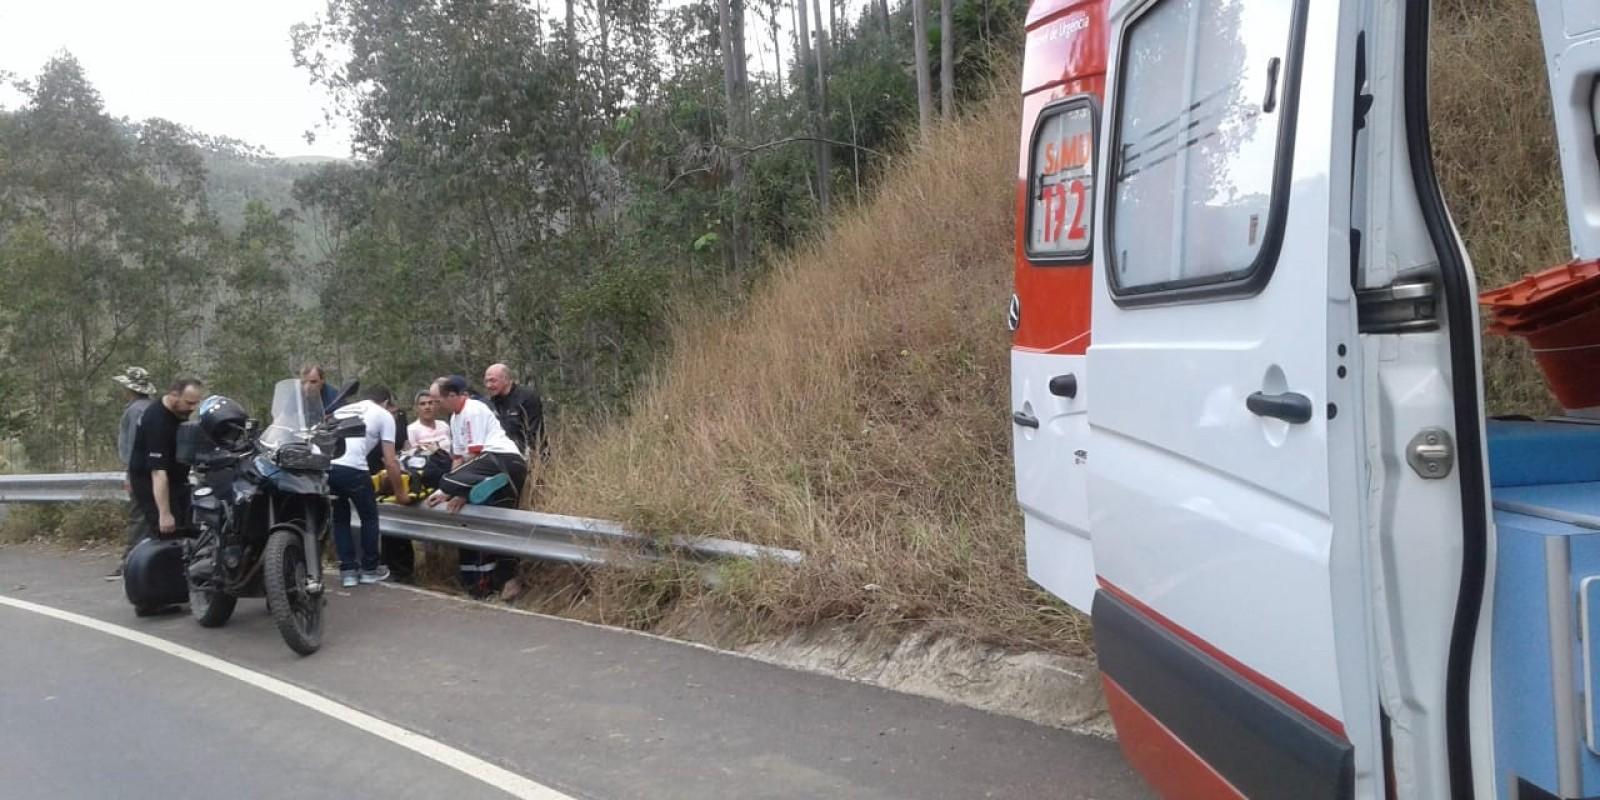 Acidente deixa motociclista com traumatismo craniano grave